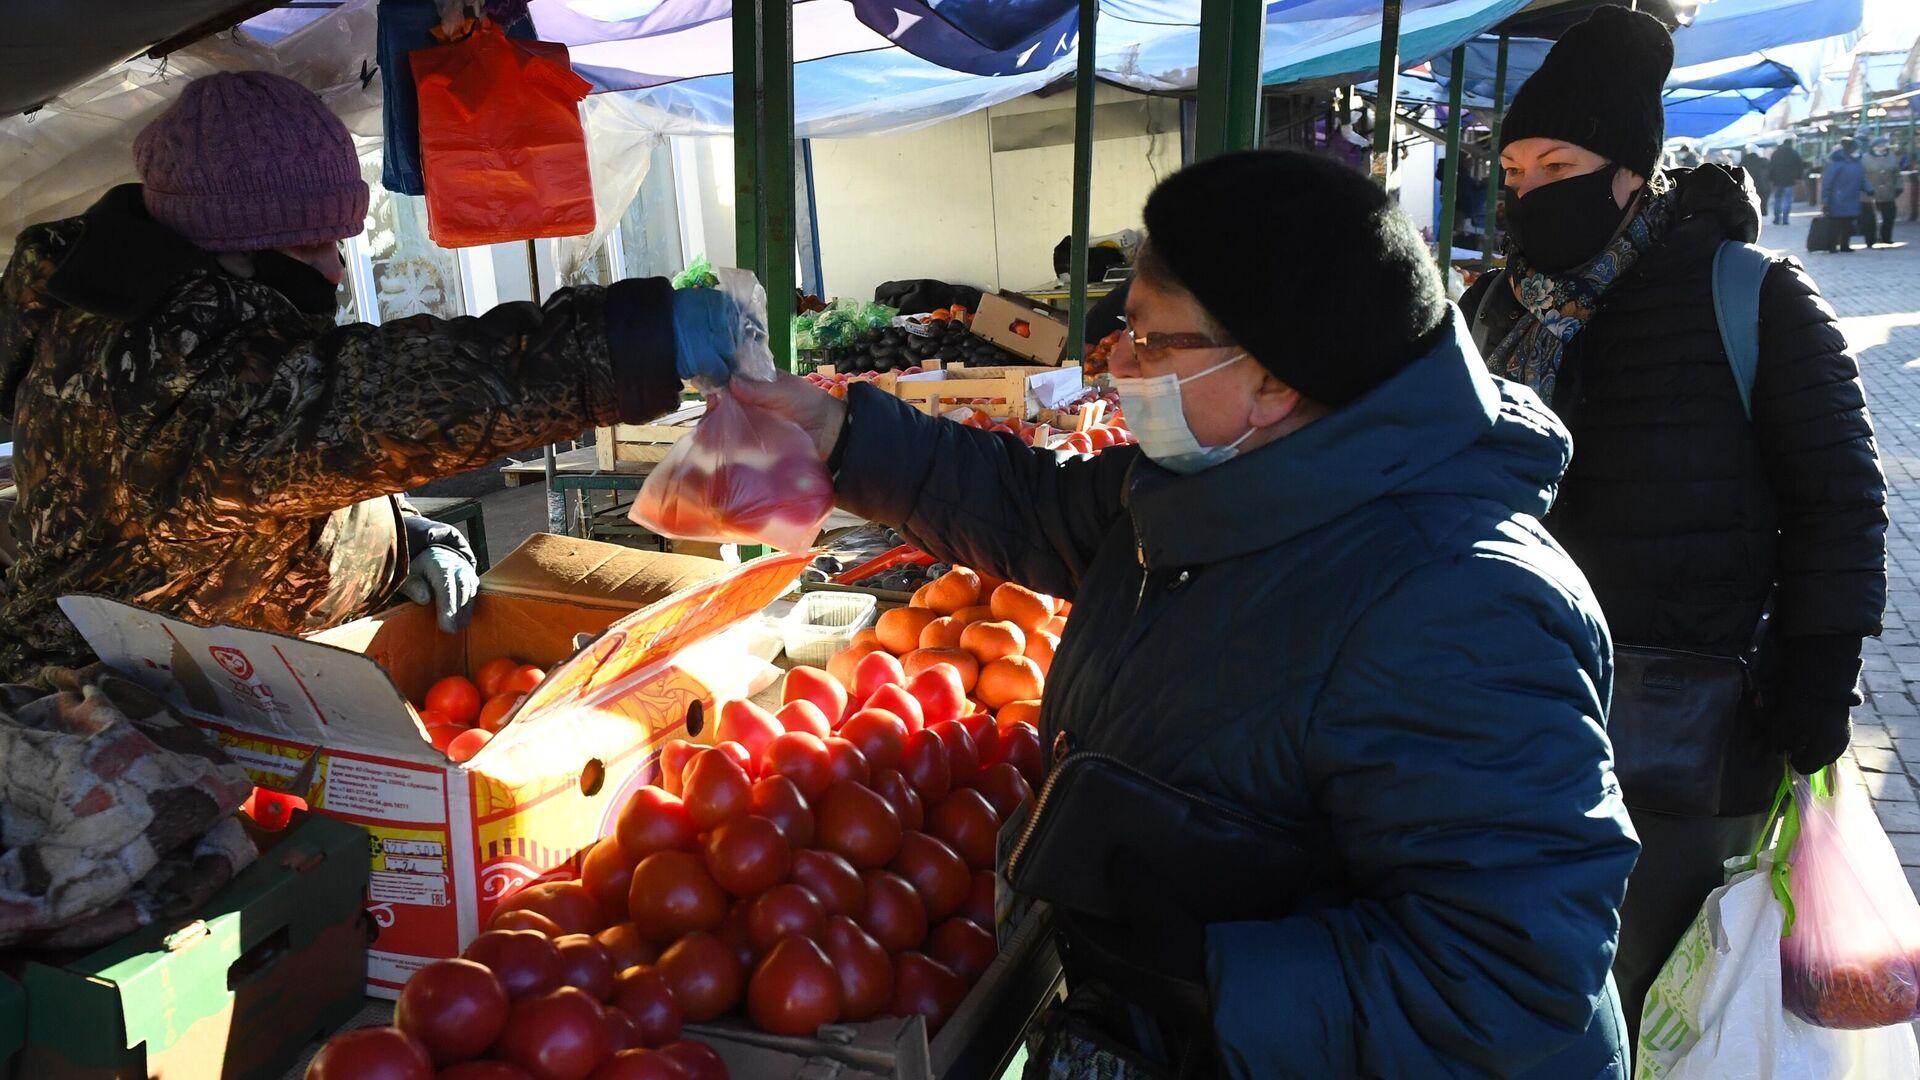 Продажа помидоров на Преображенском рынке в Москве - РИА Новости, 1920, 16.12.2020